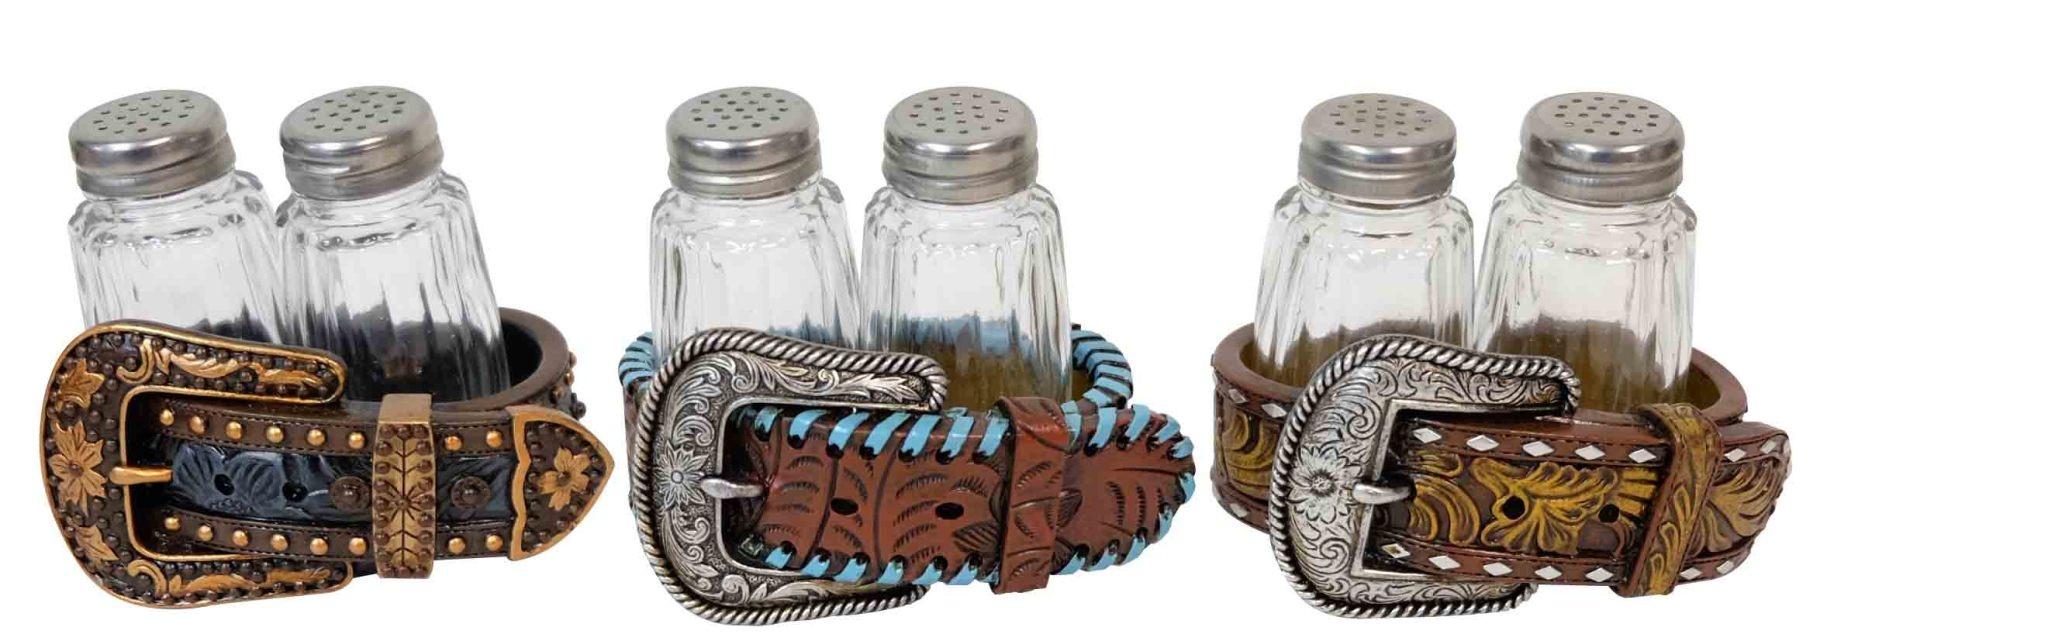 WEX Salt & Pepper Holder - Belt - Assorted Colors